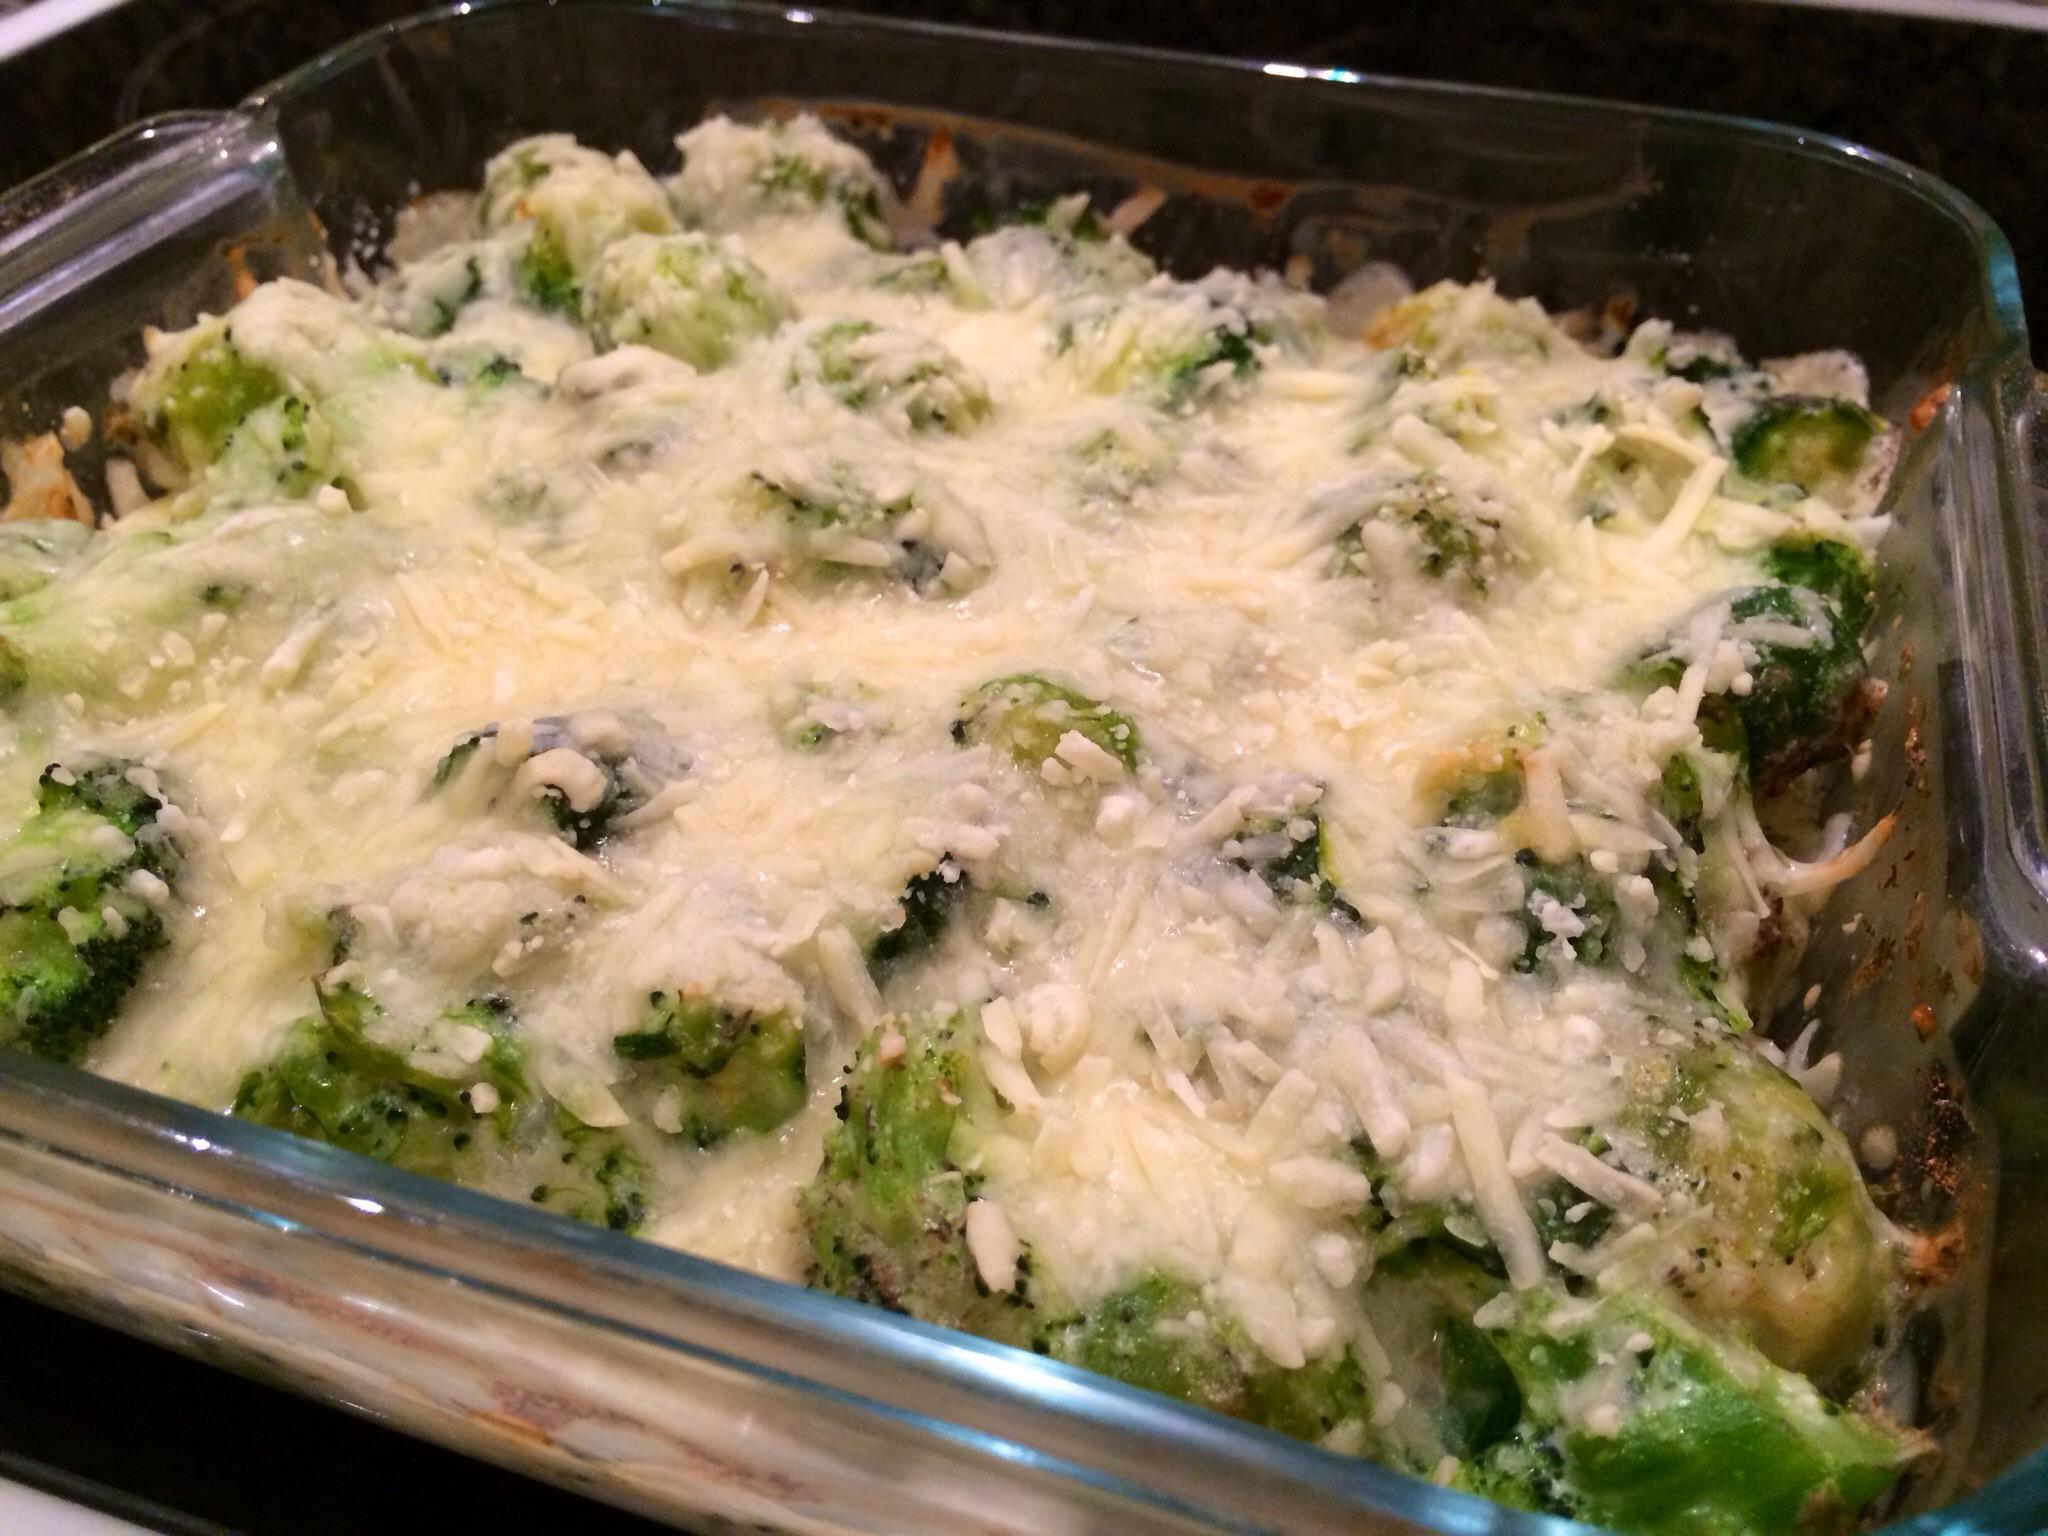 Green veg bake 1